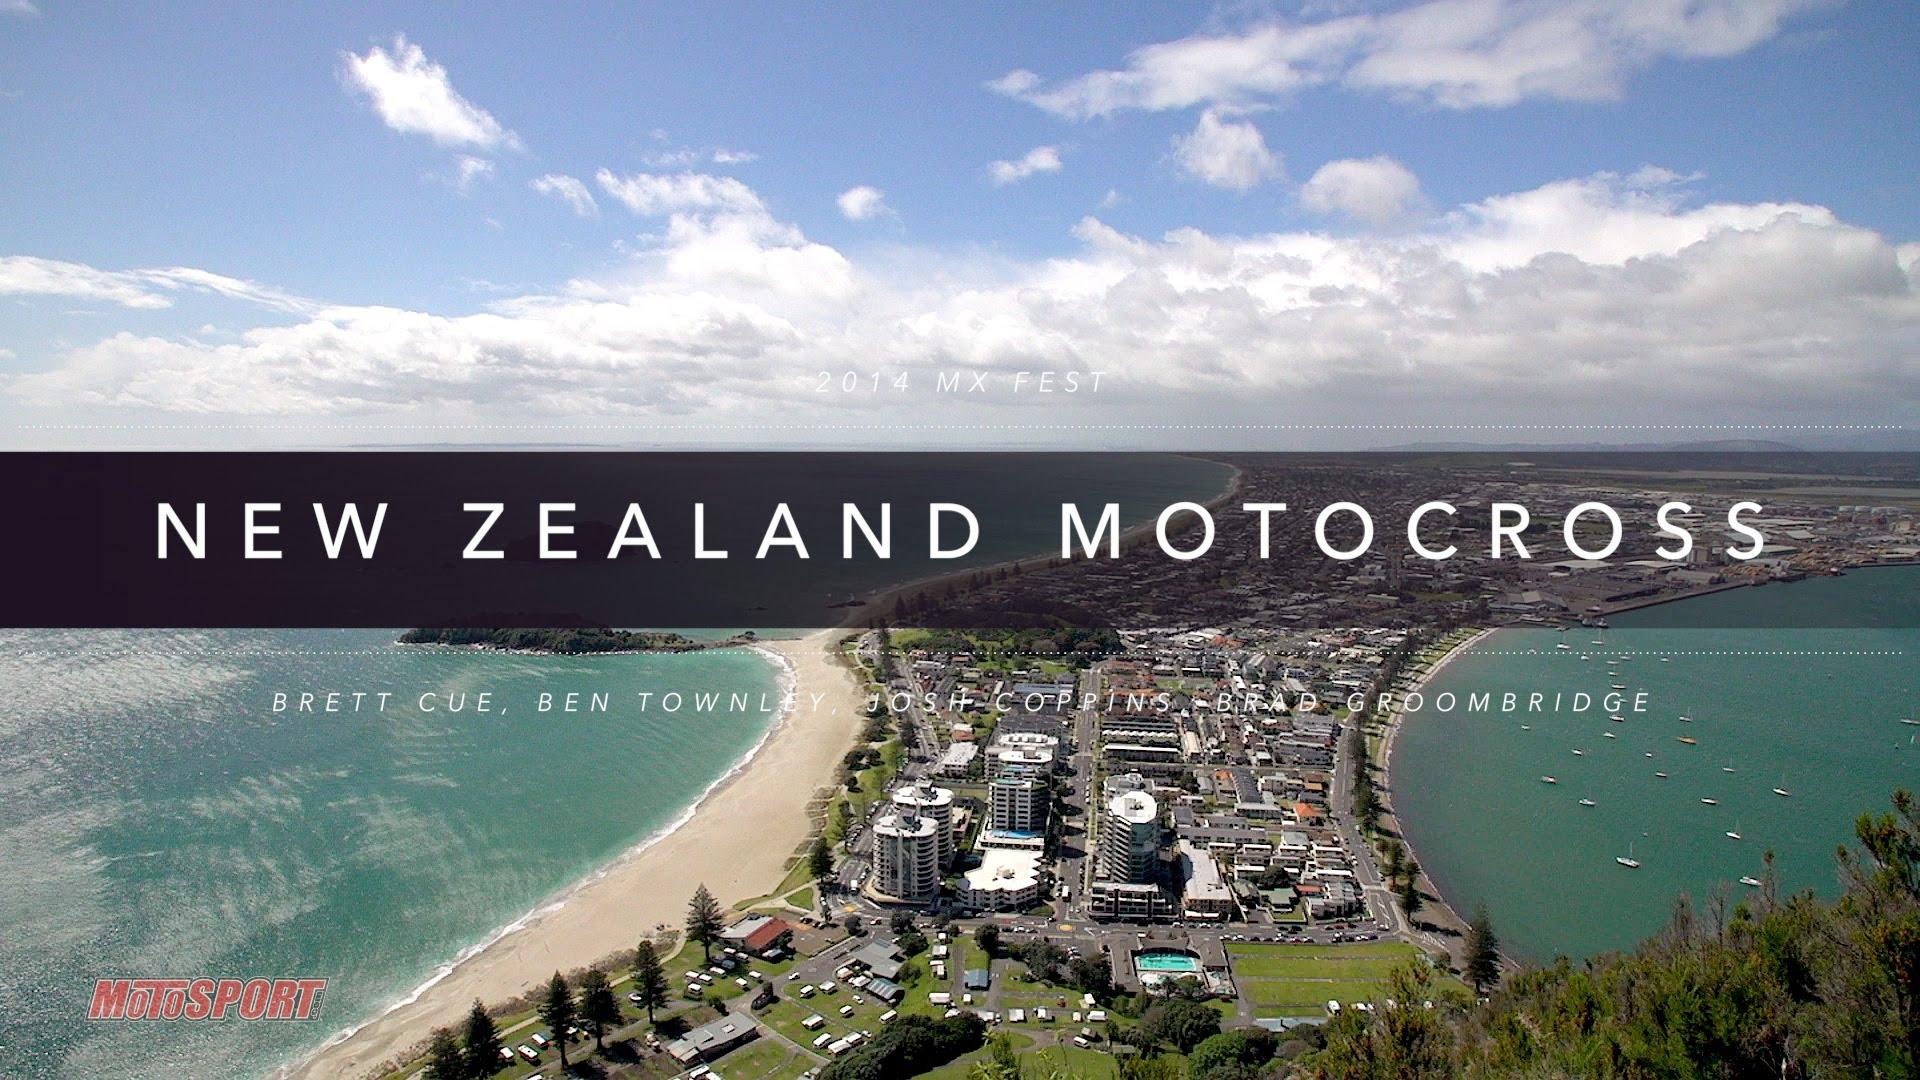 Motocross w Nowej Zelandii